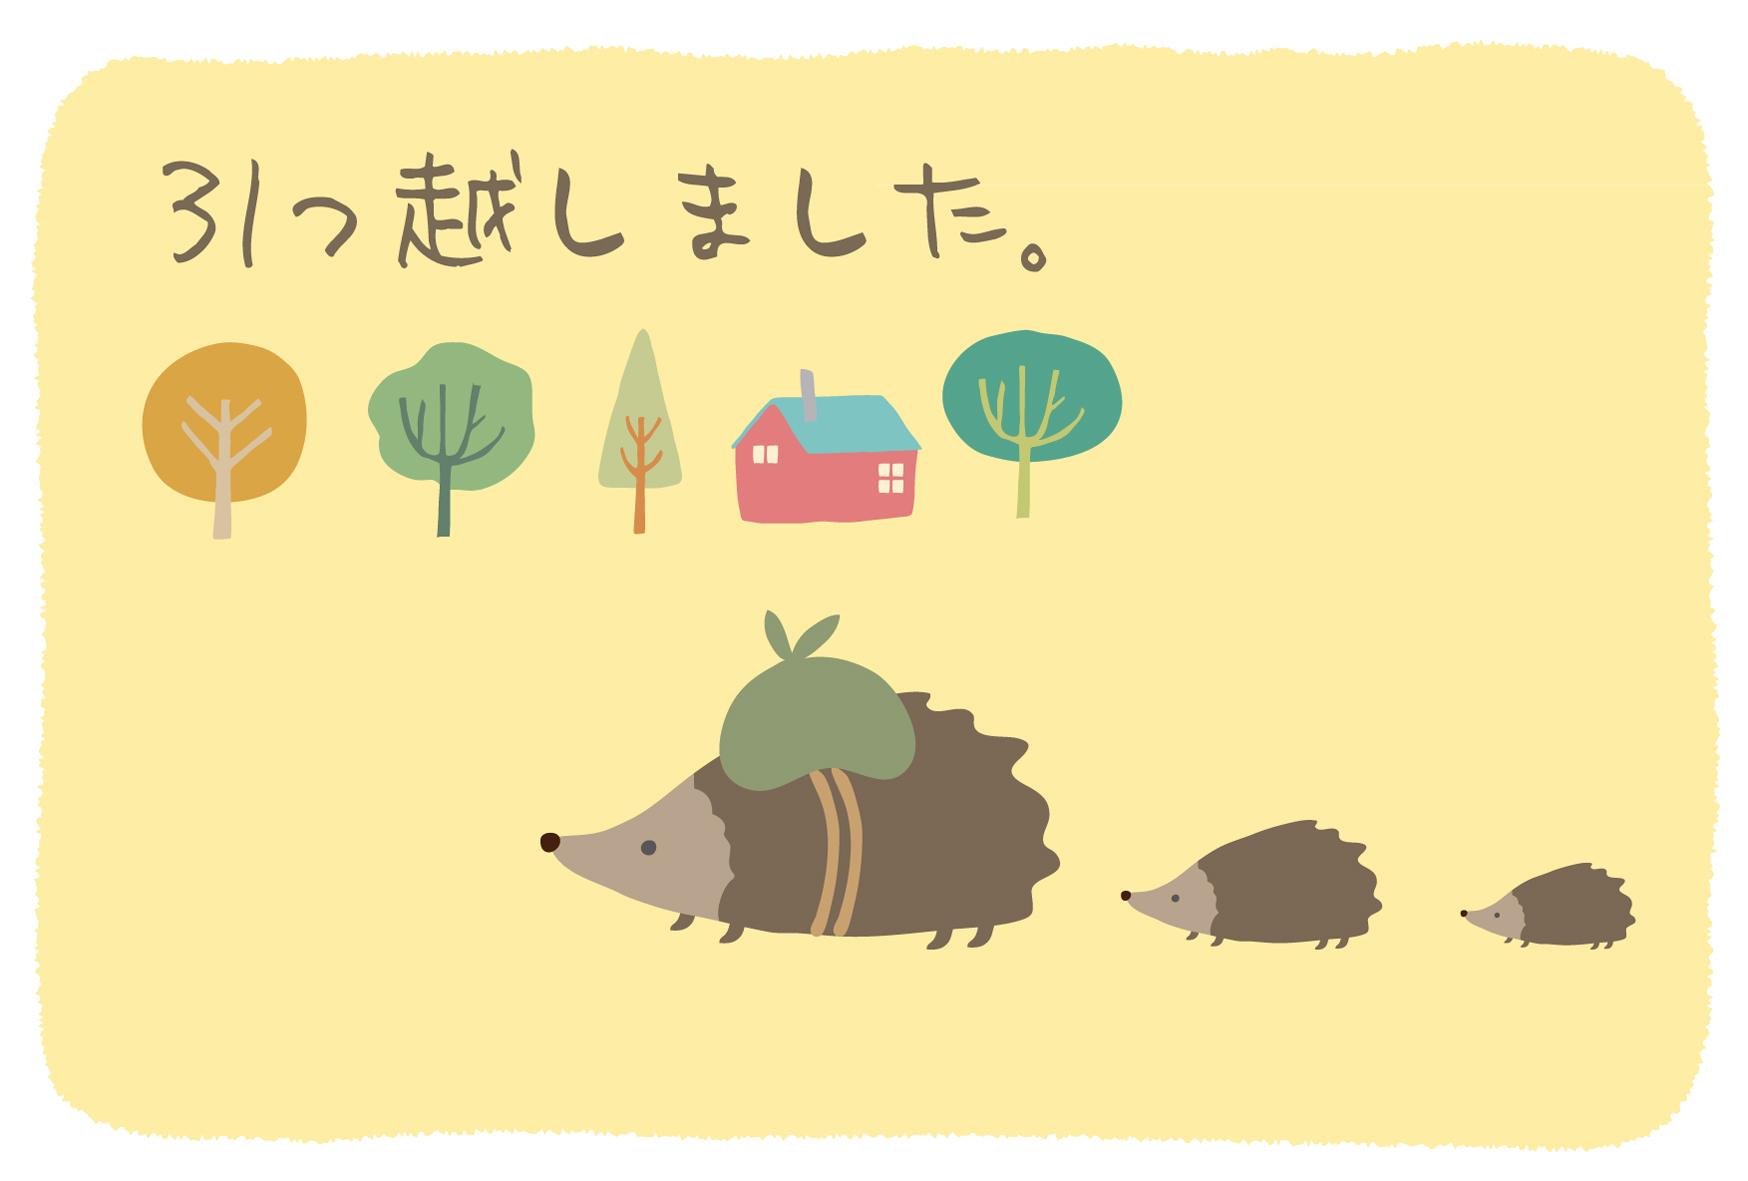 動物>「ハリネズミ」 転居通知ハガキのダウンロード : 可愛い【引越し